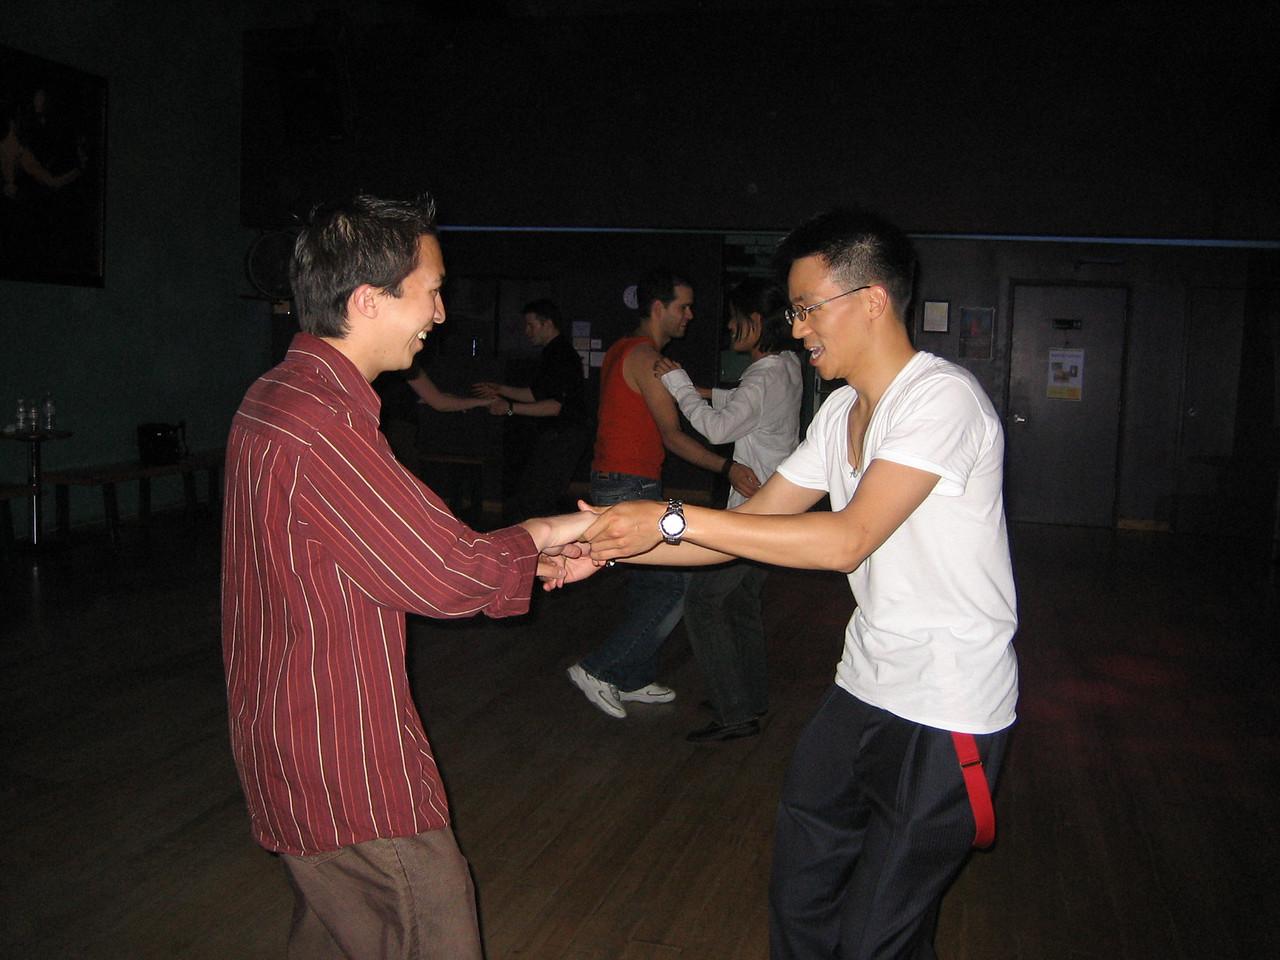 2006 05 12 Fri - Nate Sit & Ben Yu